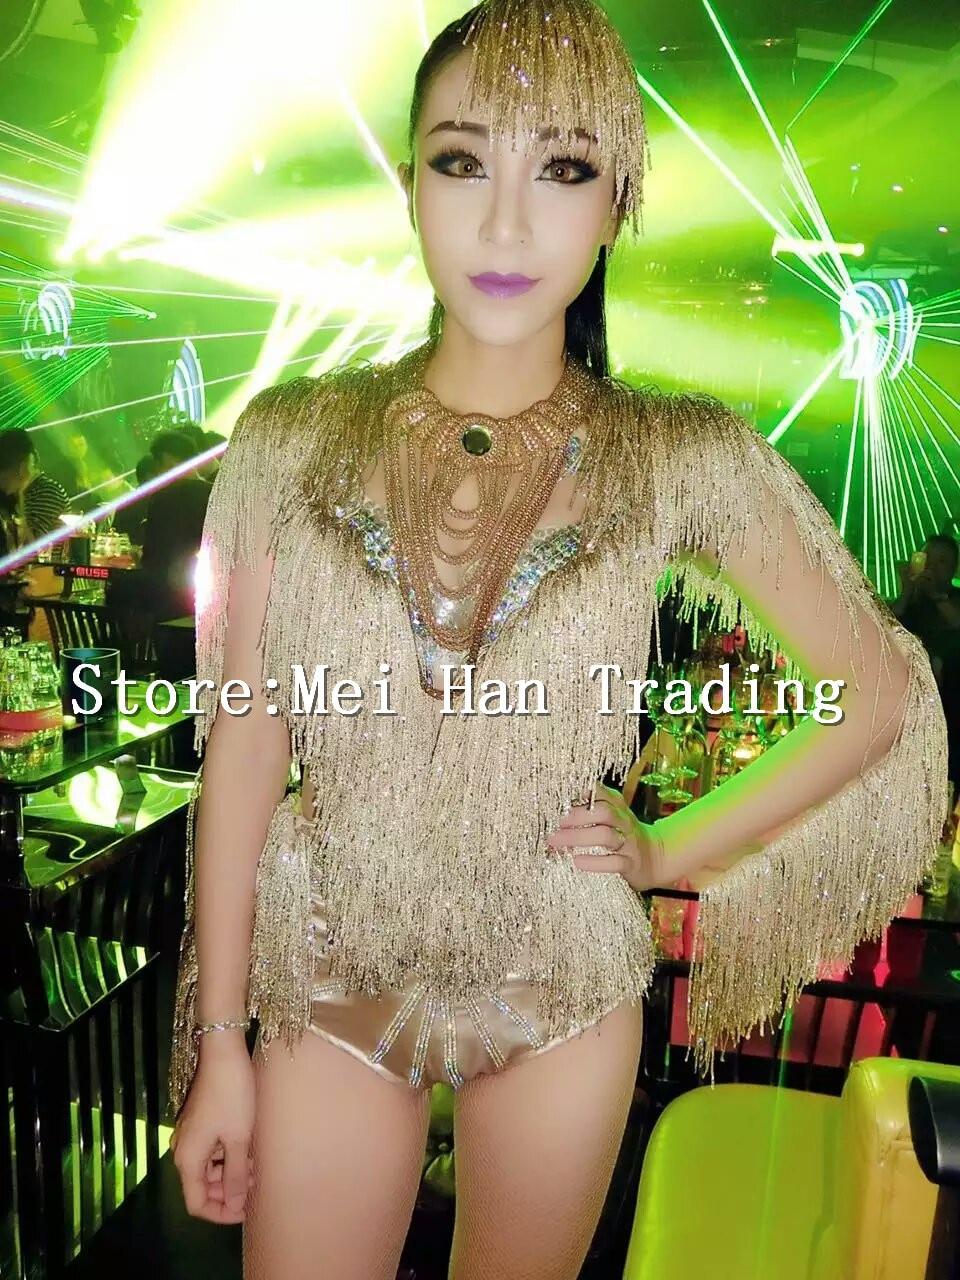 Partie Équipe Costume De Danseur Nuit Casque Chanteuse Performance Brillant Boîte Femmes La Bar Outfit Gland Body Spectacle XqP1wxEzOg